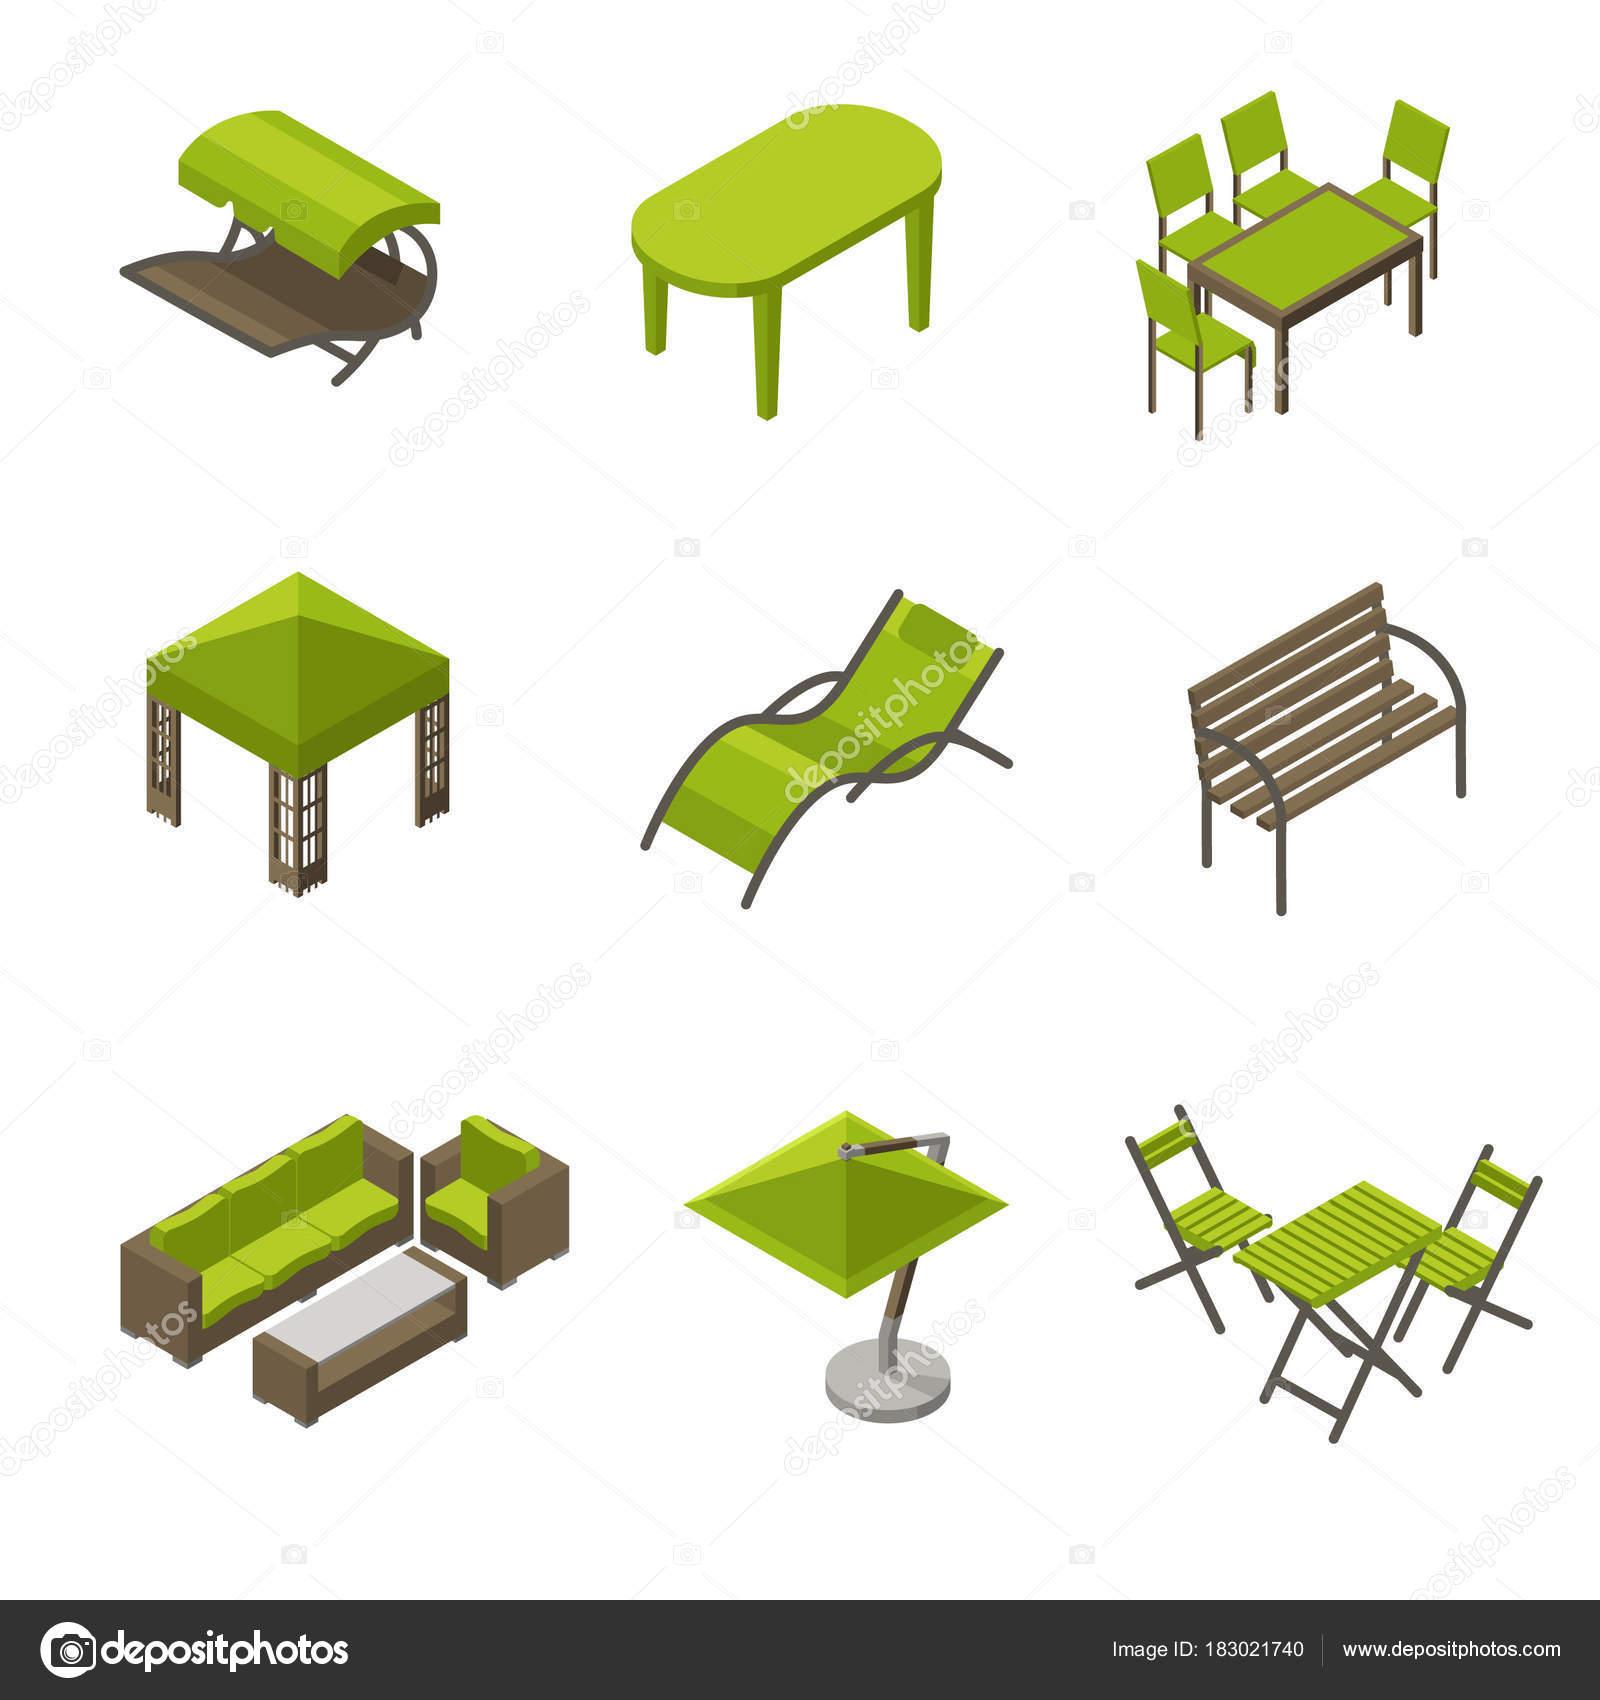 Icono Conjunto Muebles Jardín Estilo Isométrico Isométricos Iconos ...